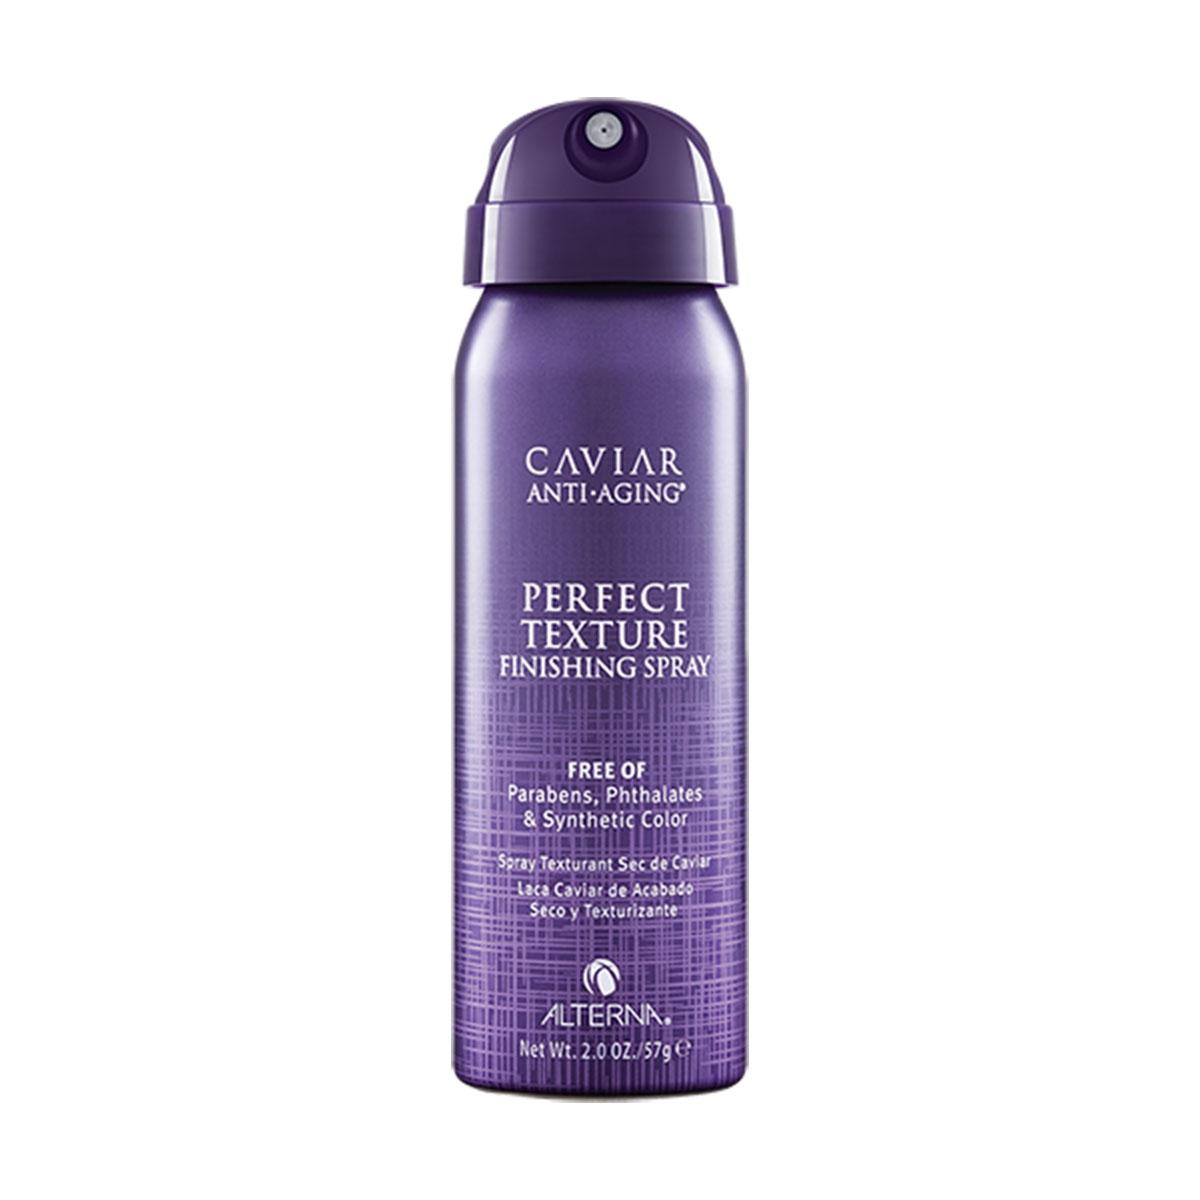 Alterna Caviar Anti-Aging Perfect Texture Finishing Spray - Спрей Идеальная текстура волос 50 млFS-00897Спрей «Идеальная текстура волос» - это сочетание сухого шампуня и лака для волос. Этот спрей создает объем, форму и текстуру, не оставляя белых следов, как сухой шампунь и не утяжеляя, как лак для волос. Его можно использовать на всех типах волос дома или после сушки феном, чтобы добавить объем и текстуру волосам.Преимущества: Дает ощущение легких, чистых, не склеенных волос. Не оставляет белых следов и не утяжеляет. Можно наносить как немного продукта, так и больше без утяжеления и ощущения «липких» волос . Не спутывает волосы.Результат: умопомрачительная текстура, создает объем и плотность. Волосы приобретают трёхмерную текстуру, форму и остаются естественно подвижными.Спрей «Идеальная текстура волос» - это сочетание сухого шампуня и лака для волос. Этот спрей создает объем, форму и текстуру, не оставляя белых следов, как сухой шампунь и не утяжеляя, как лак для волос. Его можно использовать на всех типах волос дома или после сушки феном, чтобы добавить объем и текстуру волосам.